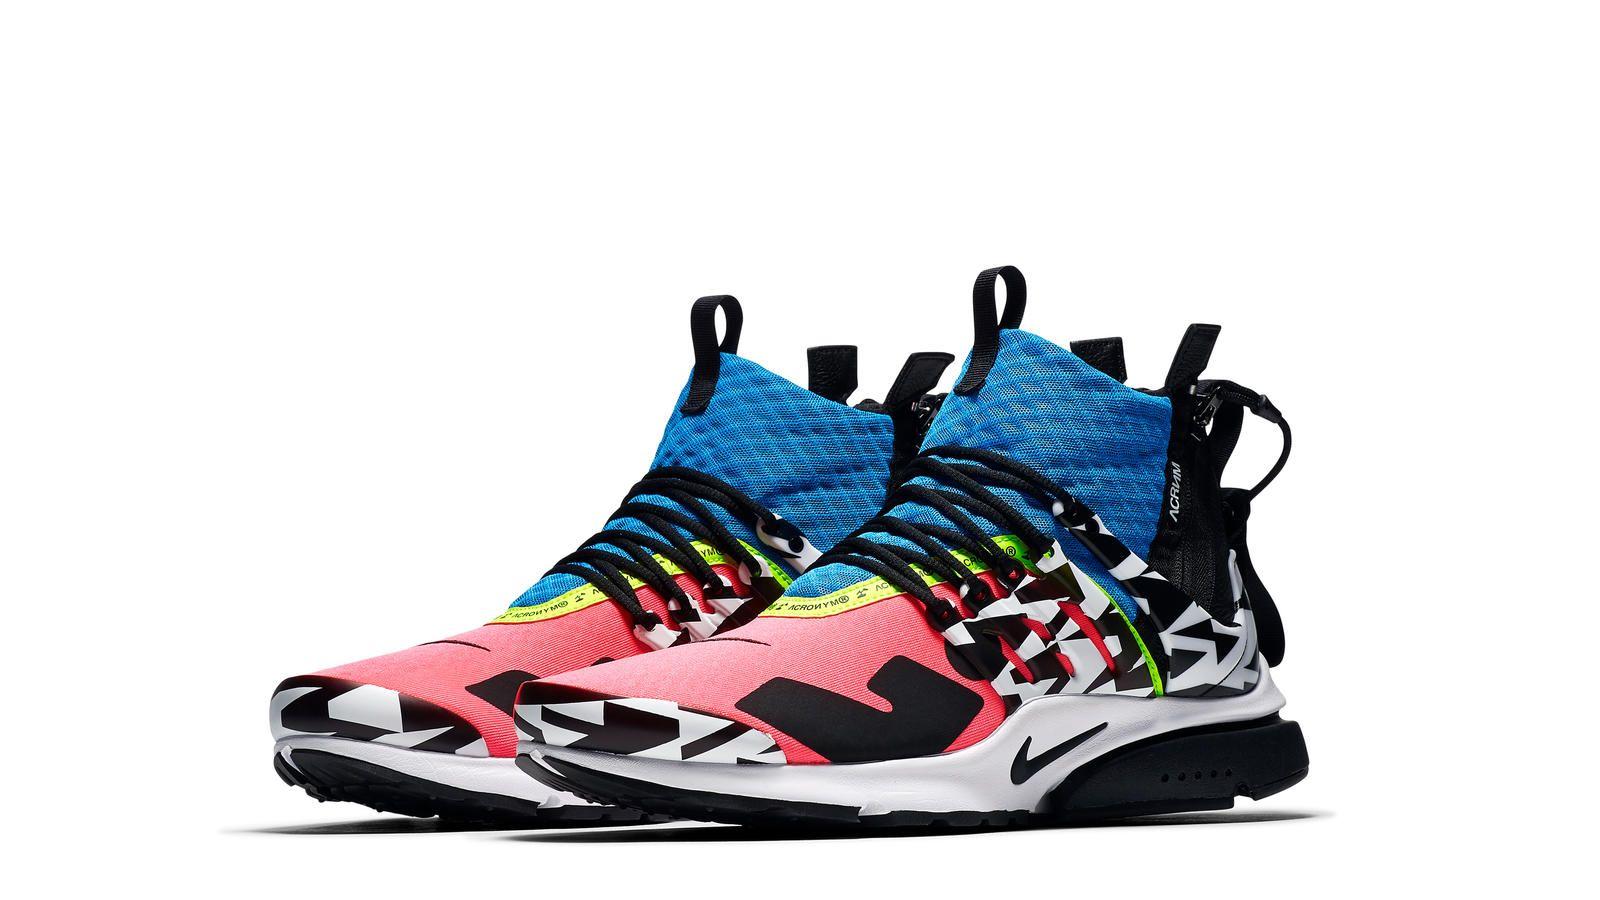 Szczegóły o Nike Air Presto Mid x Acronym